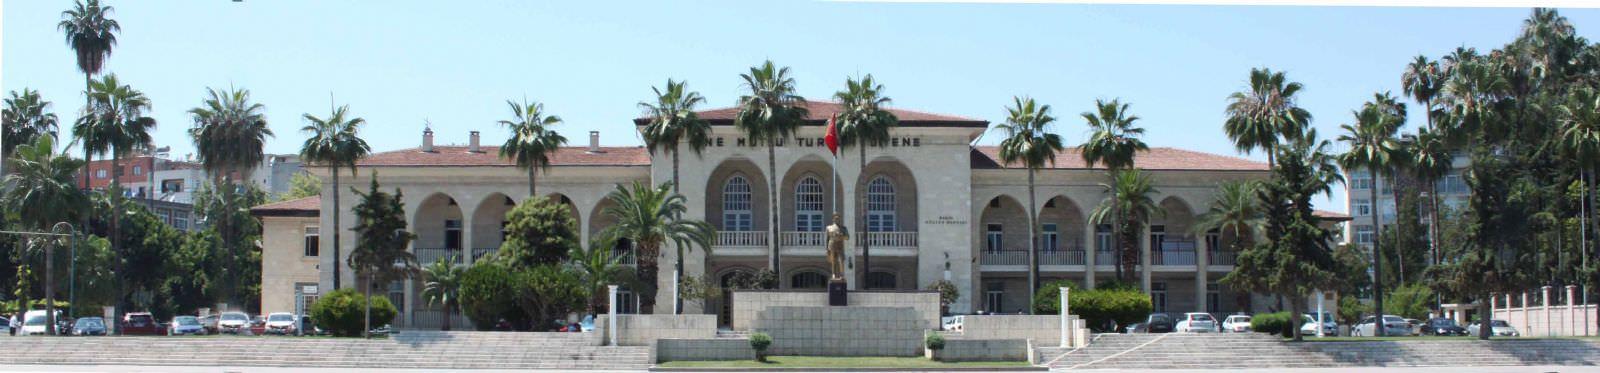 Mersin Kültür Merkezi (Eski Halkevi)